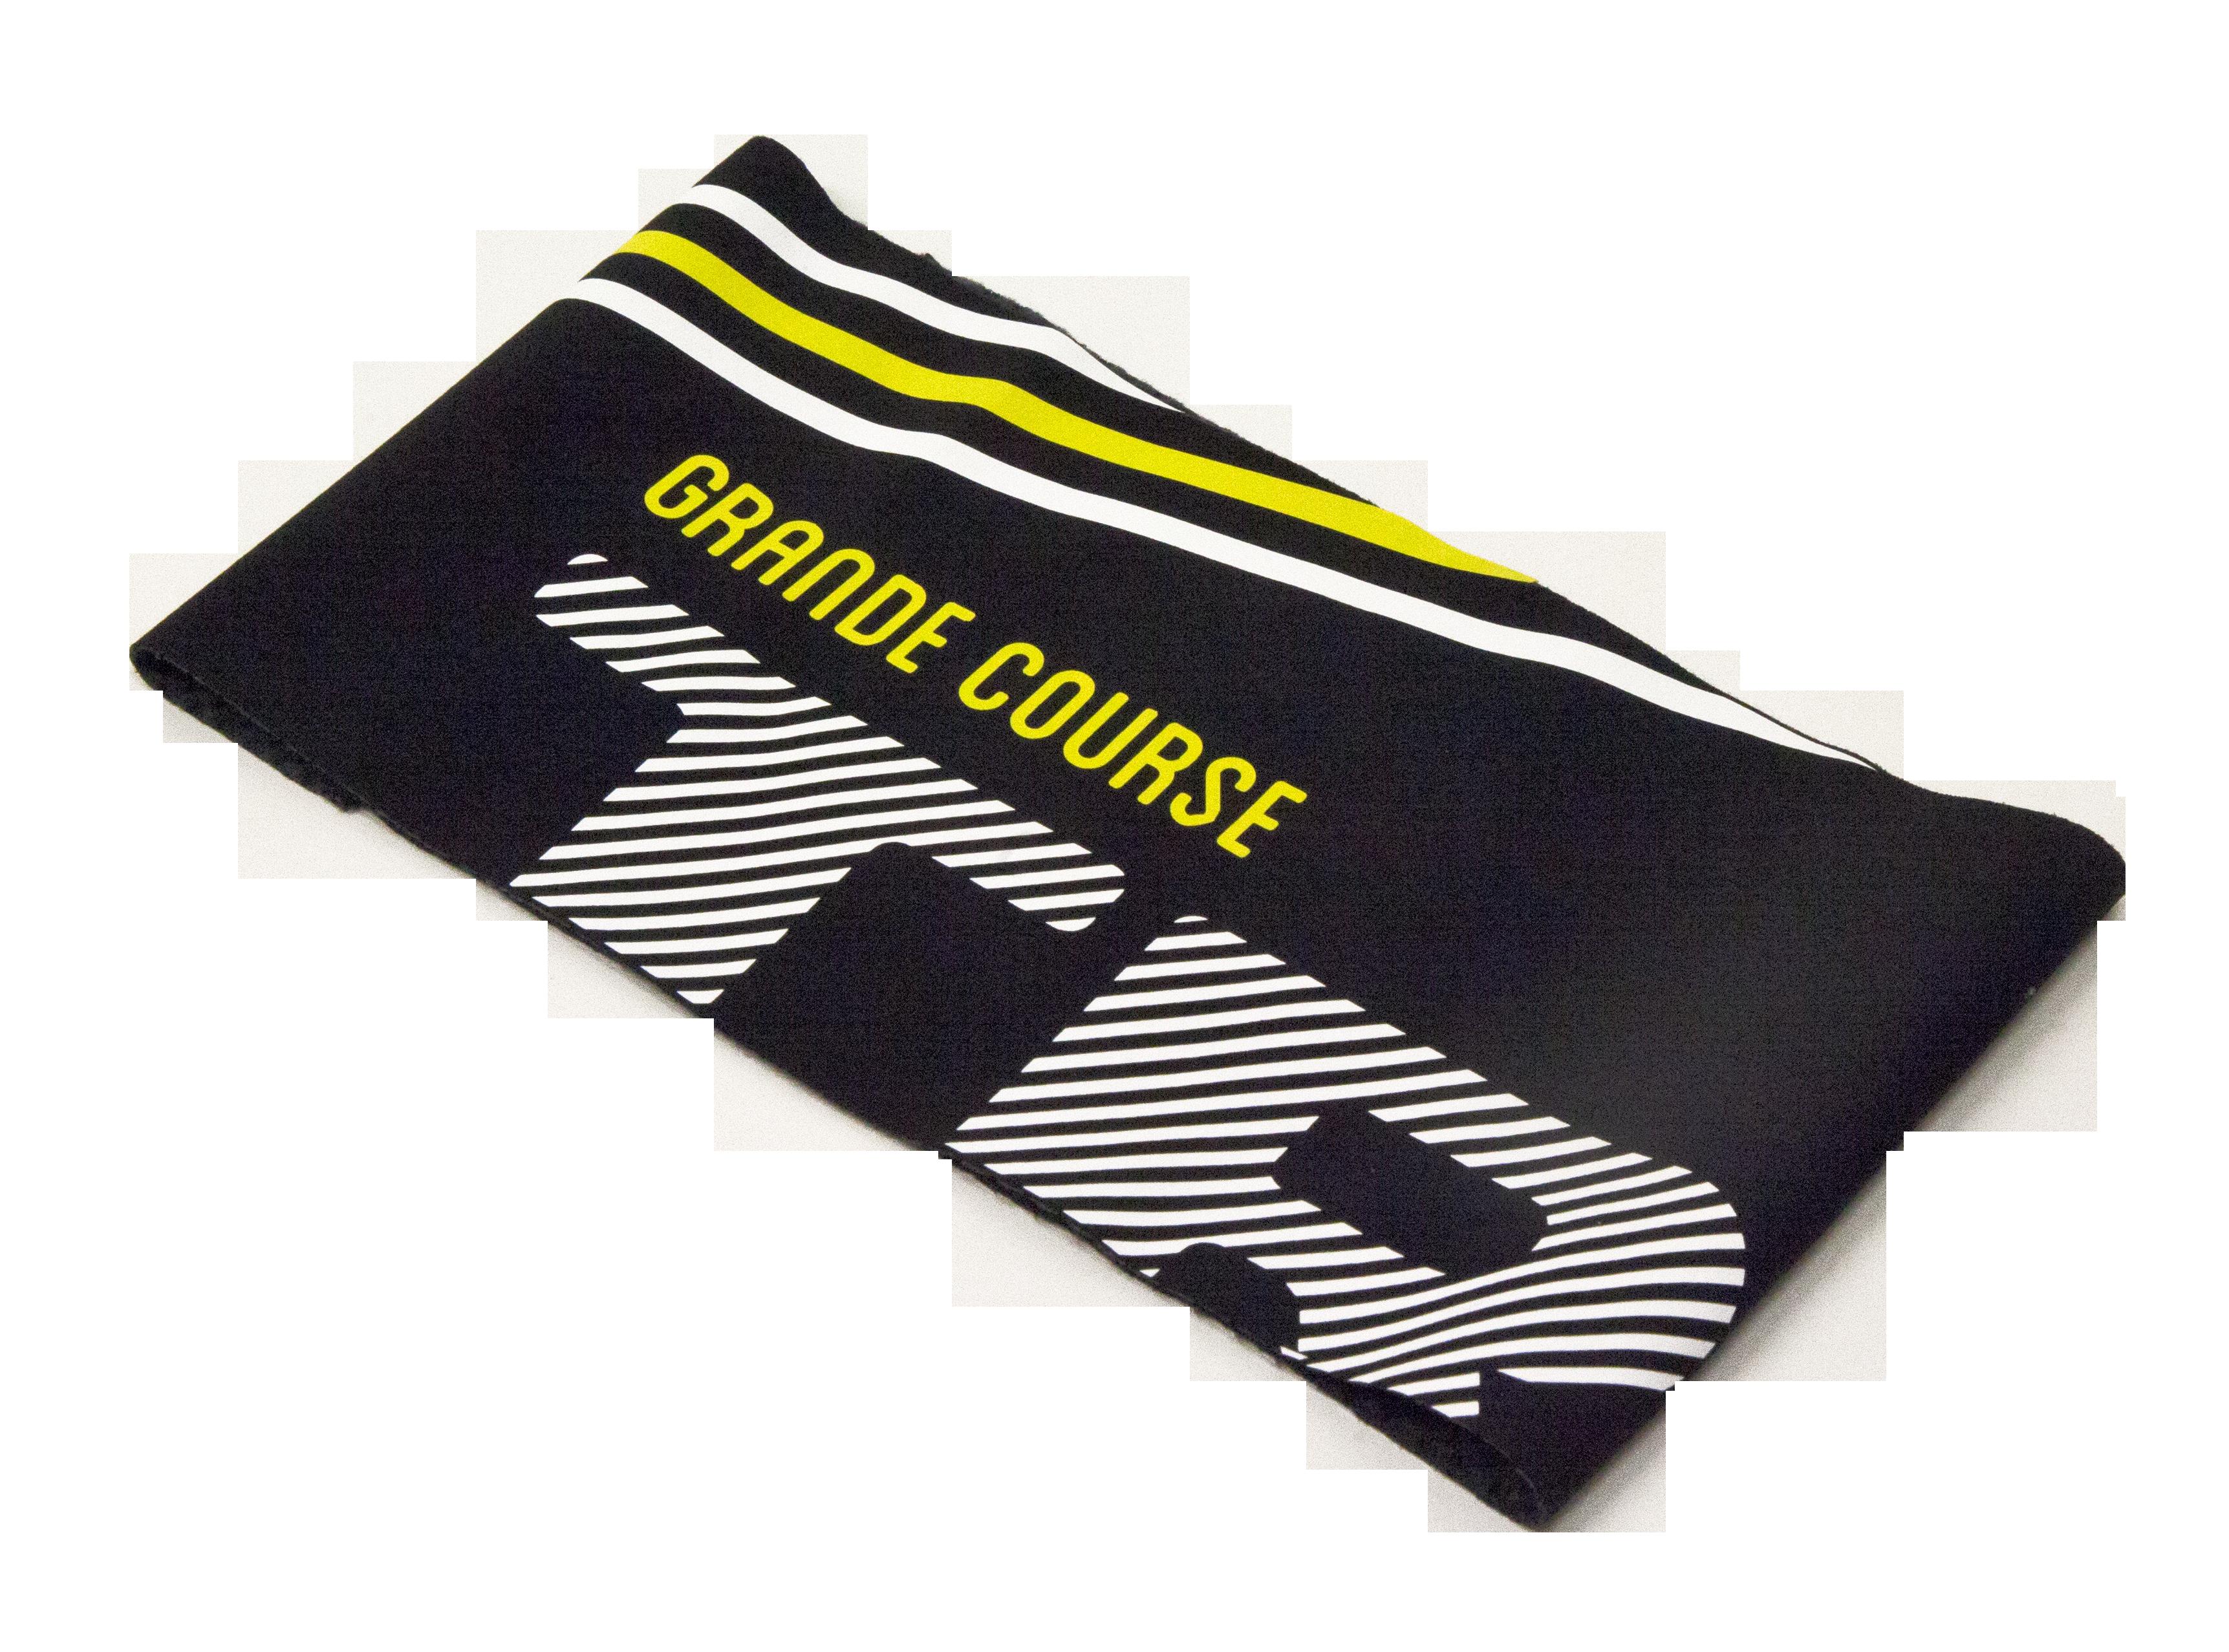 85135_grande-course-band_01